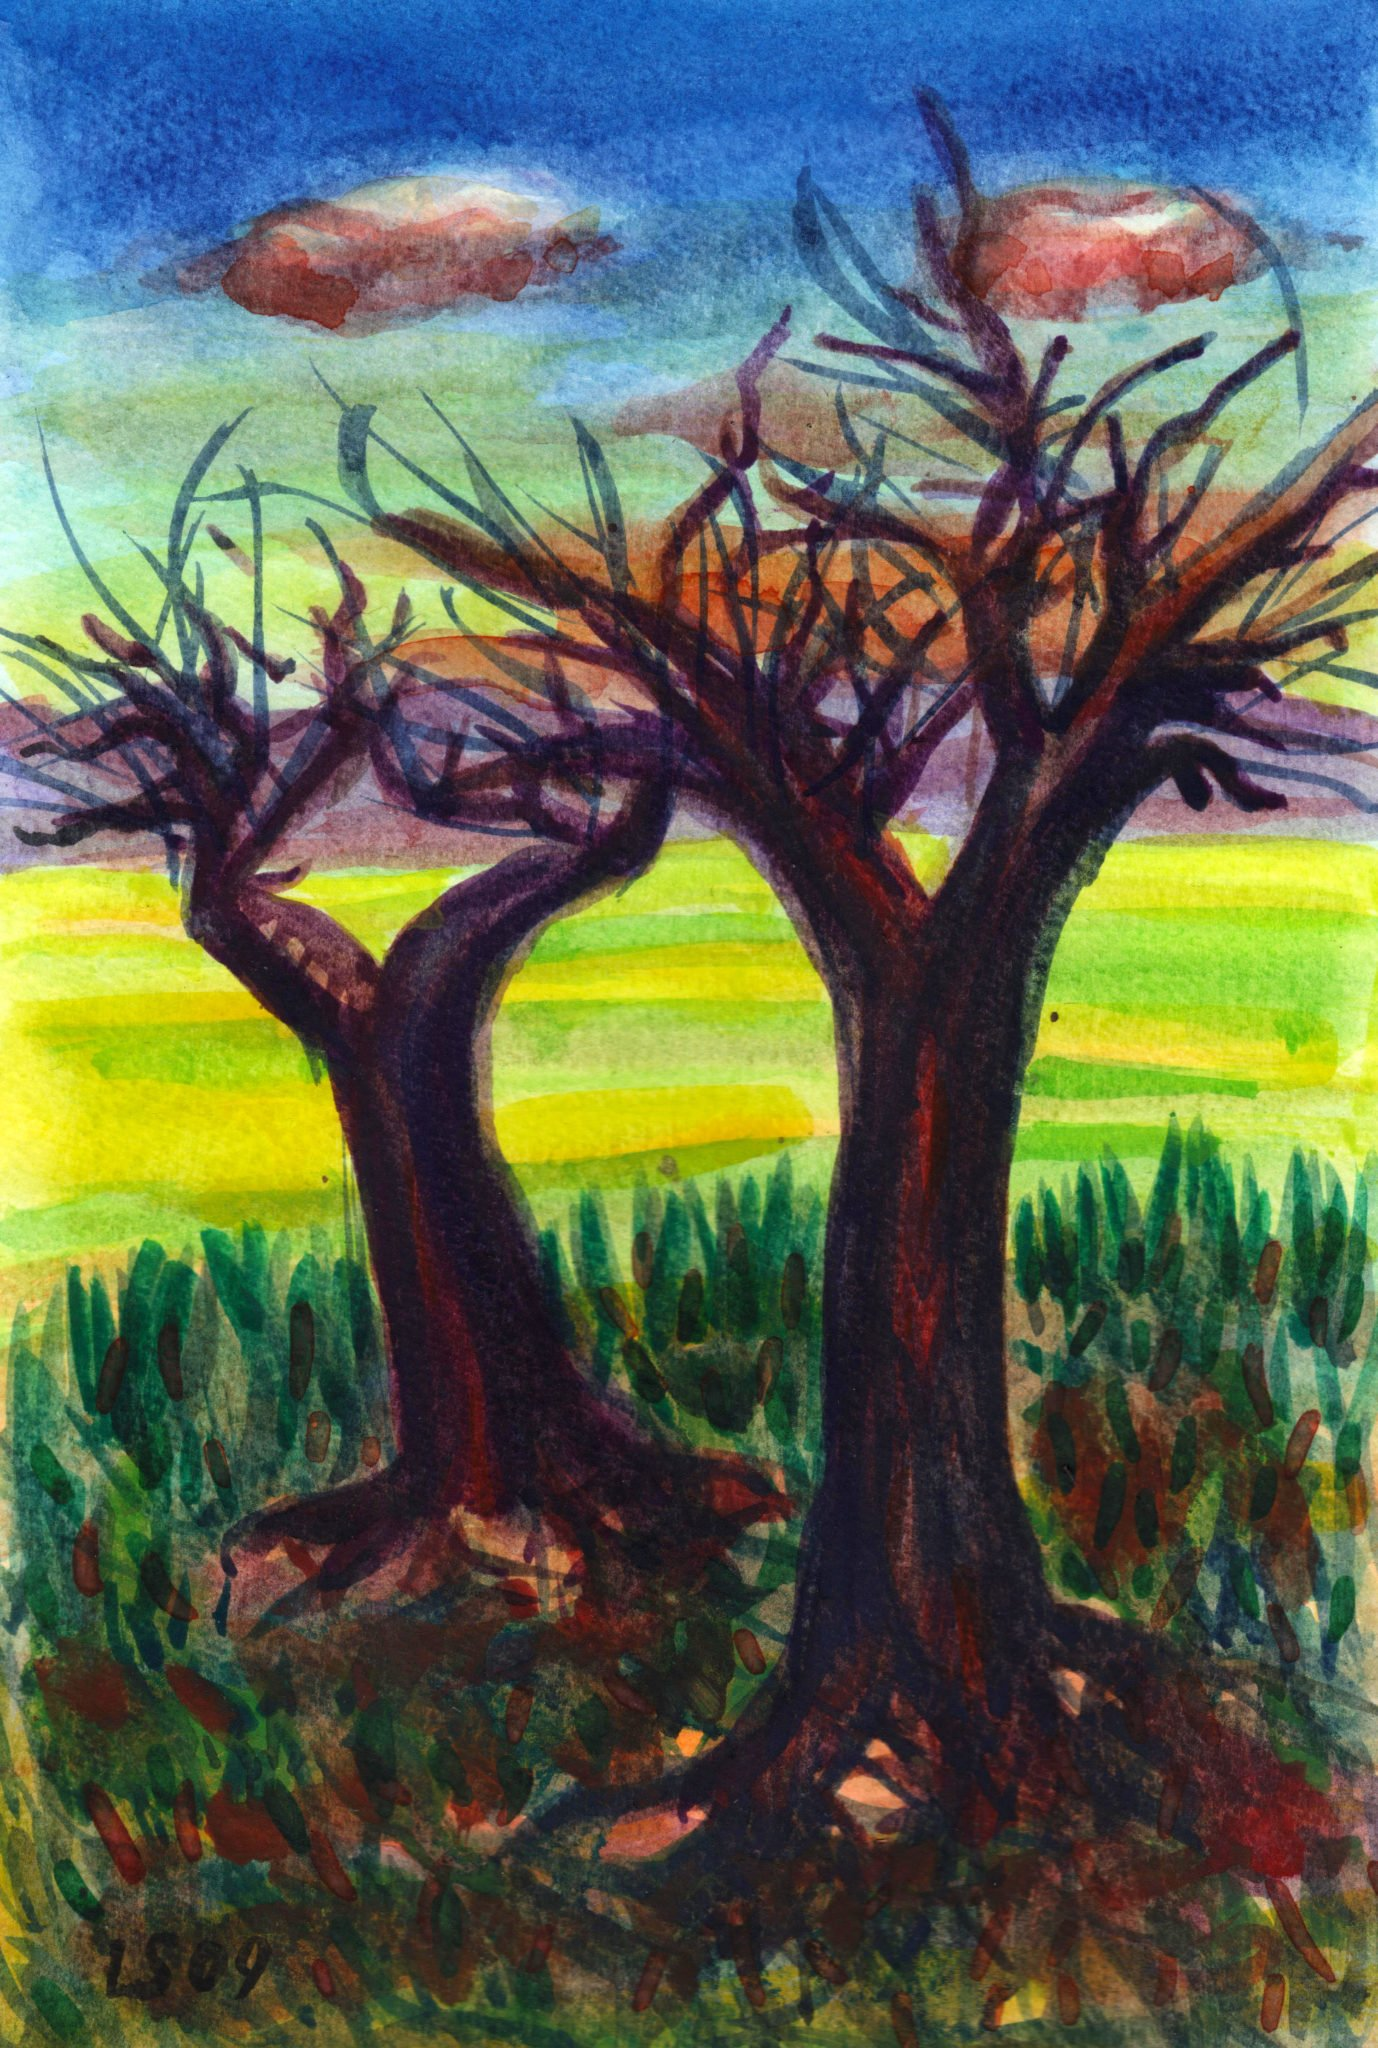 Paesaggio con due alberi